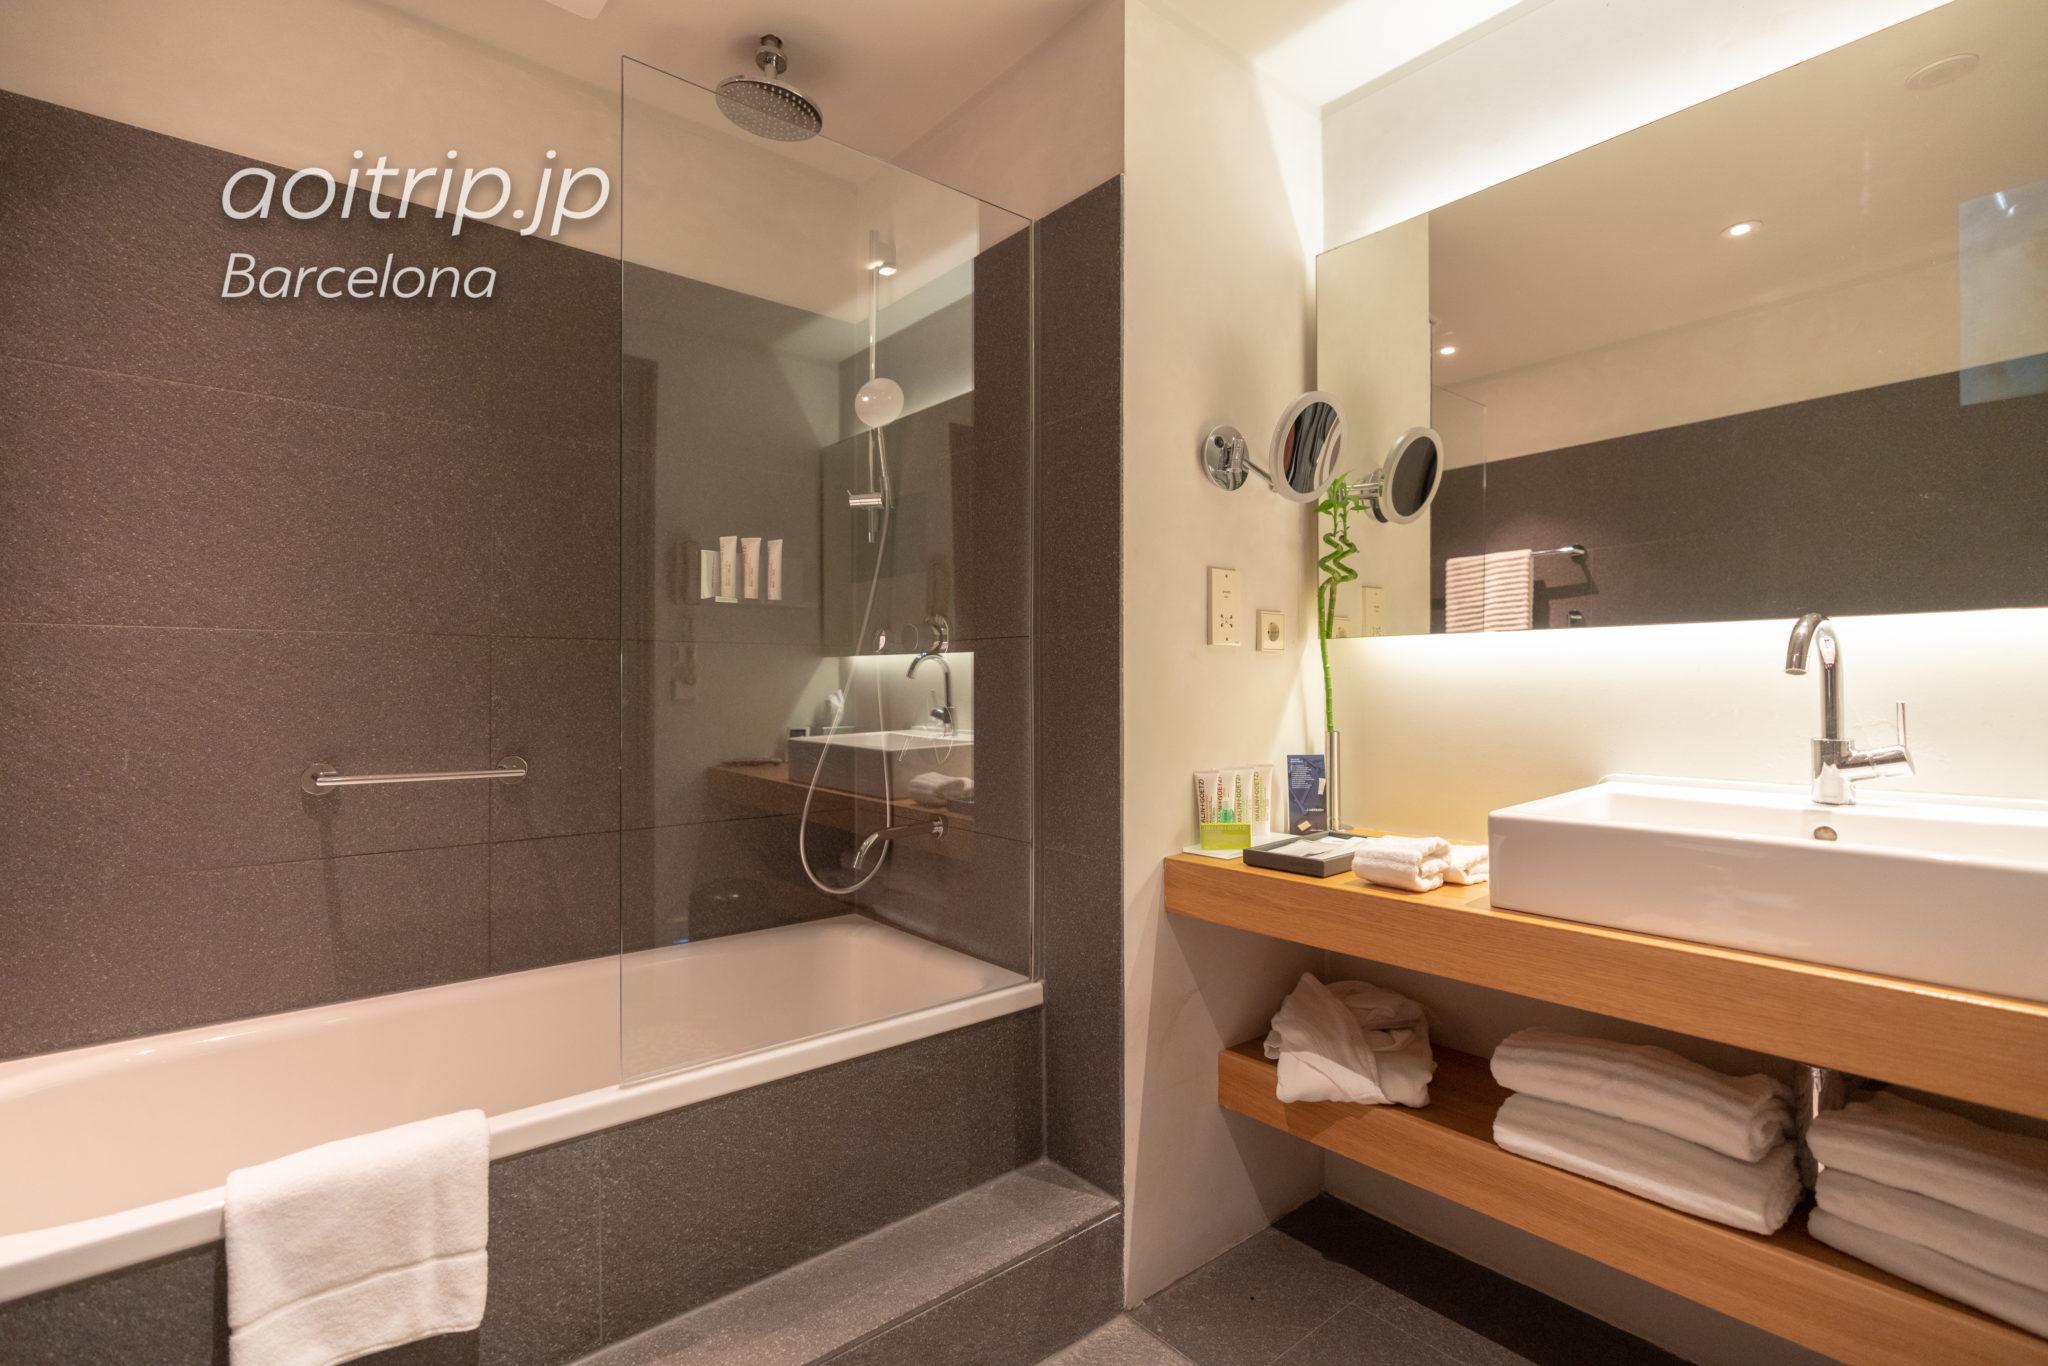 ルメリディアンバルセロナ バスルーム